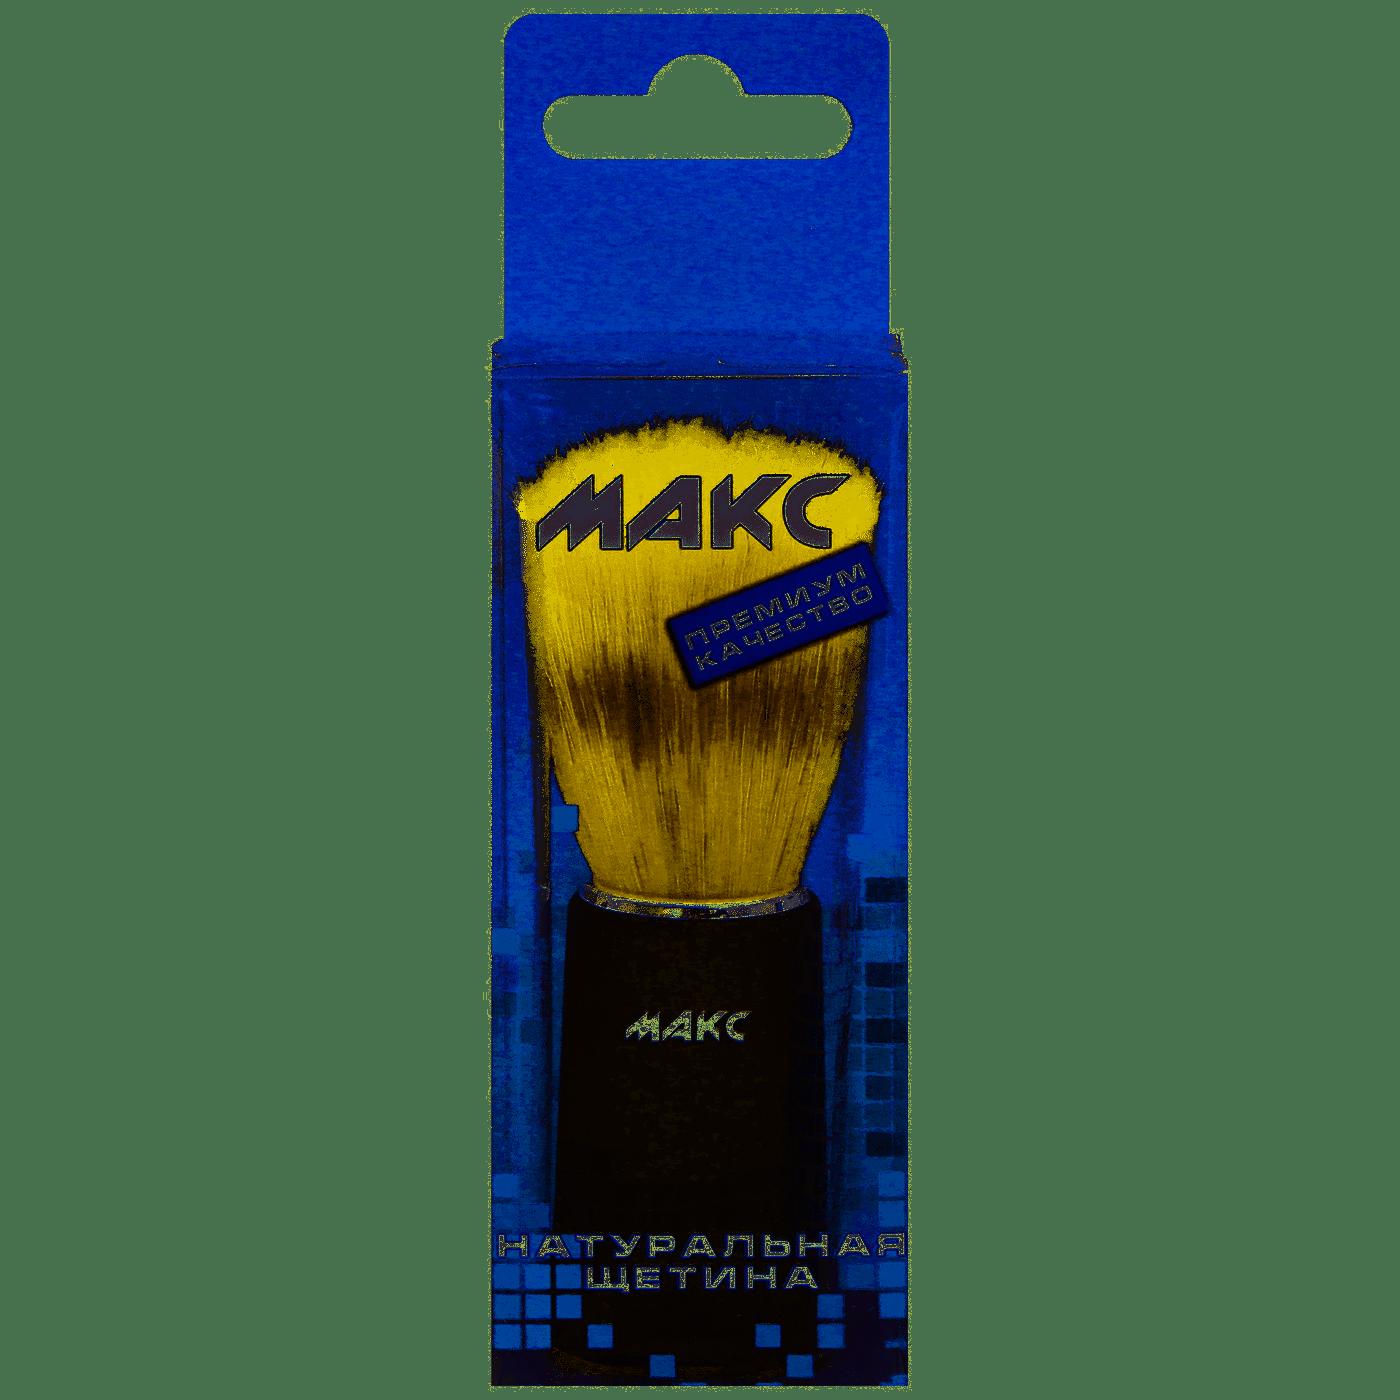 Макс - Помазок для бритья с натуральной щетиной Премиум качество.